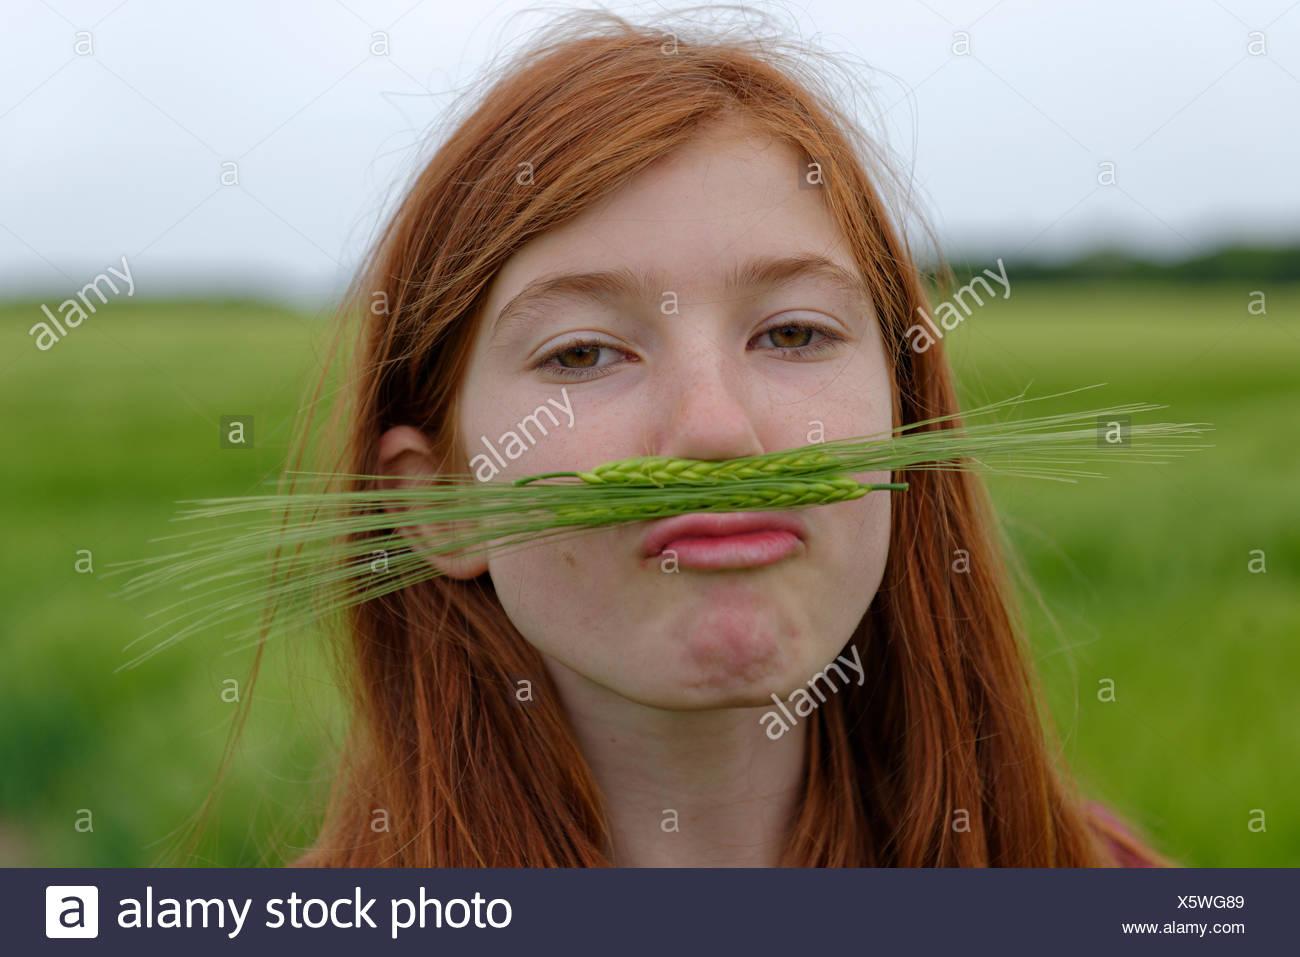 Portrait of teenage girl with barley moustache - Stock Image